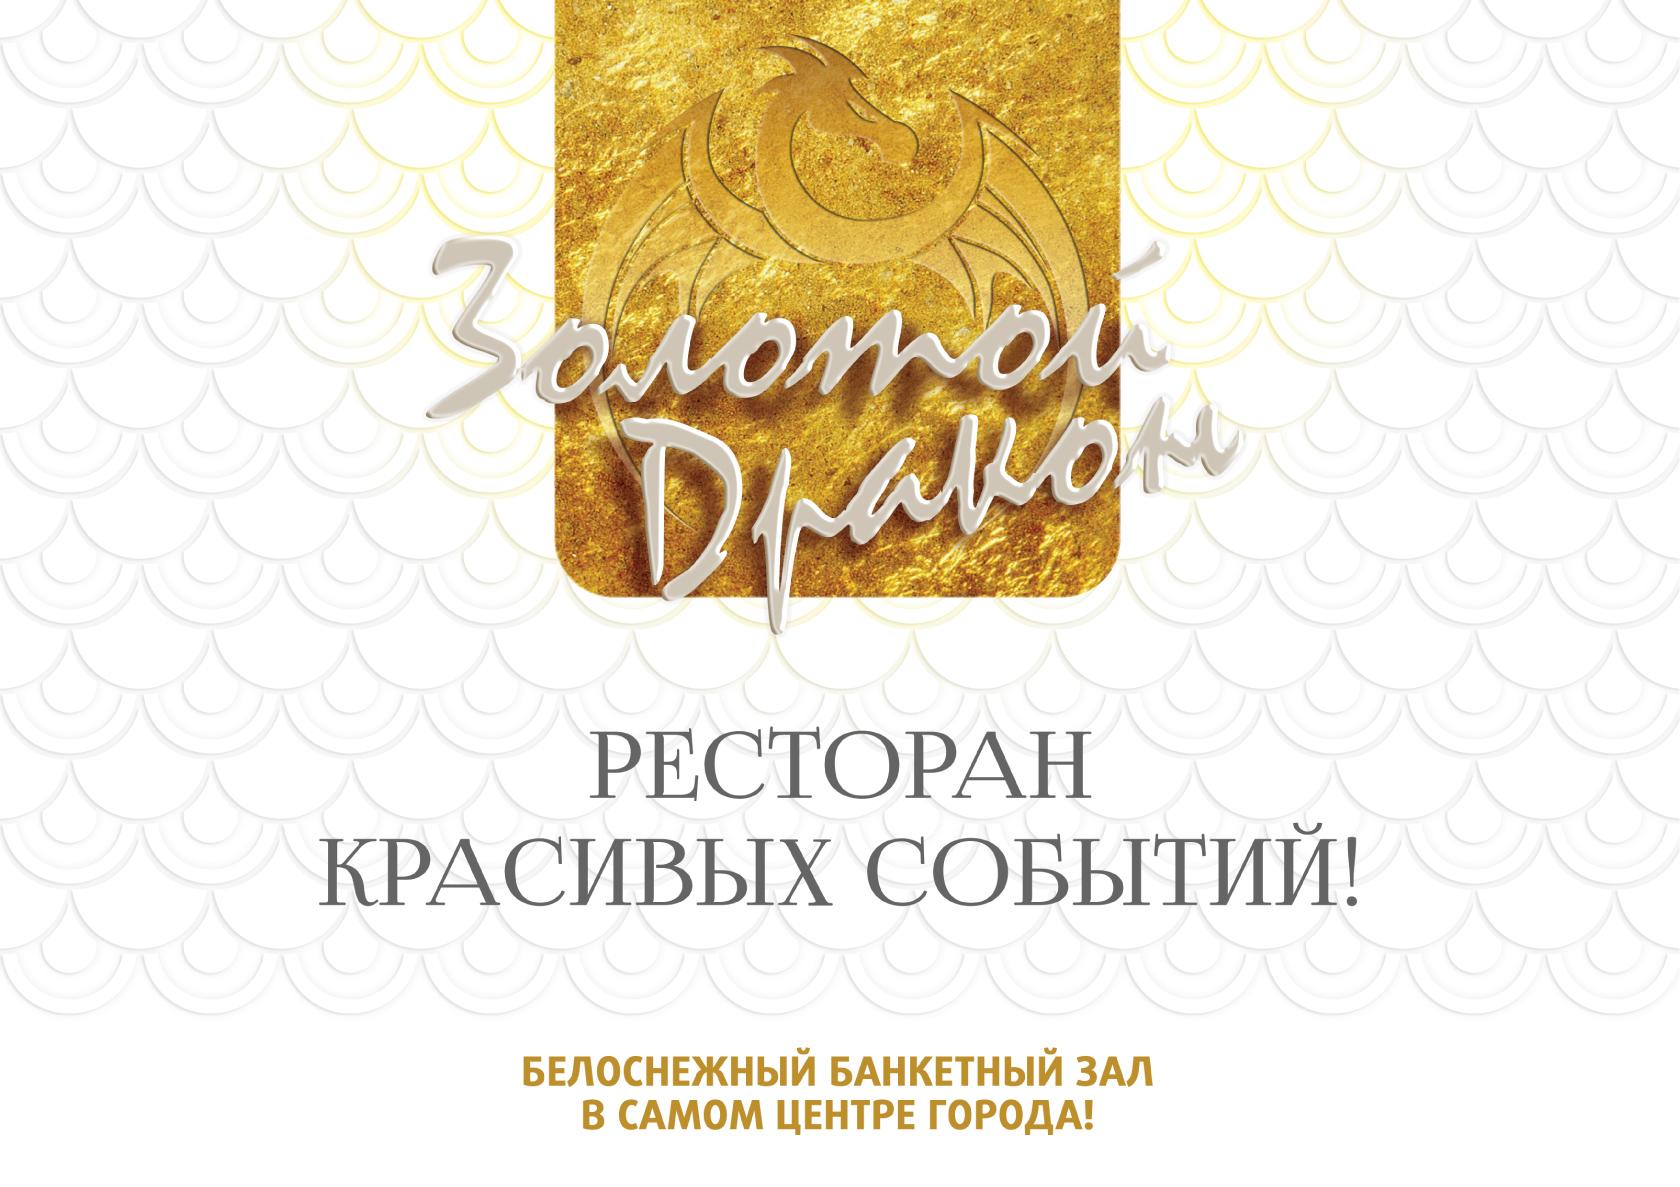 золотой дракон ресторан